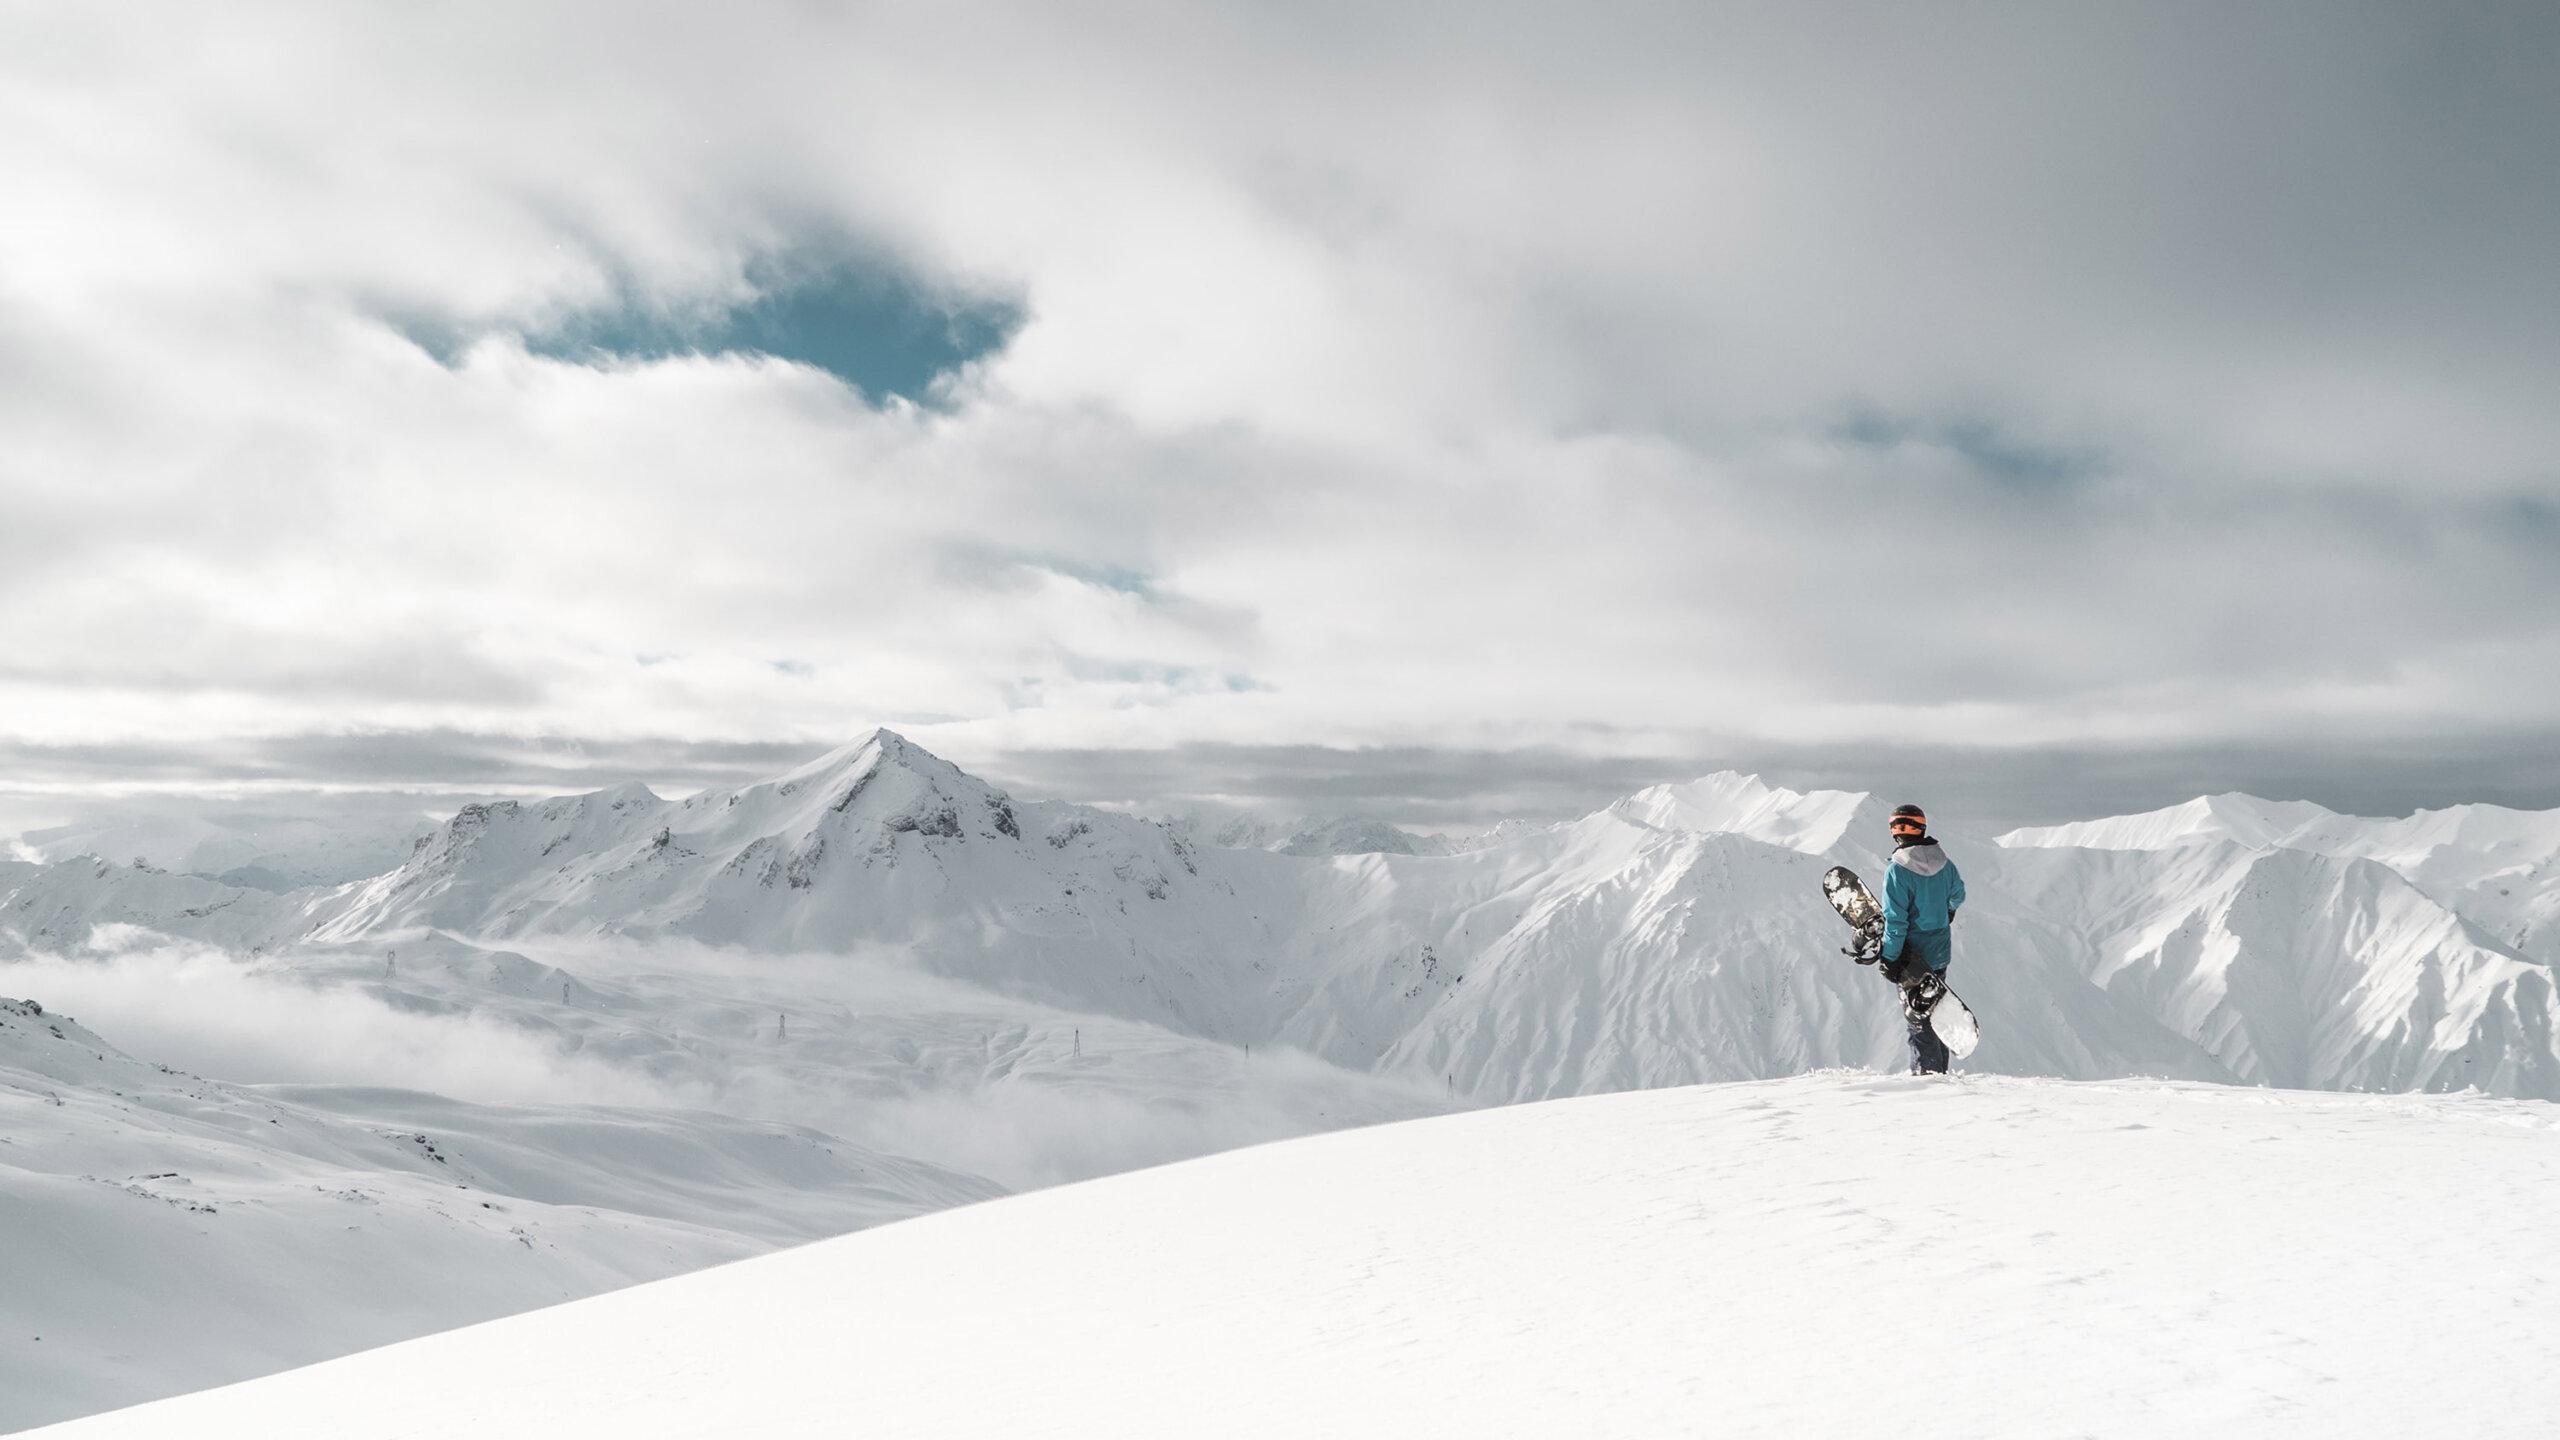 Ski Lift com drones: a inovação no mundo da neve.